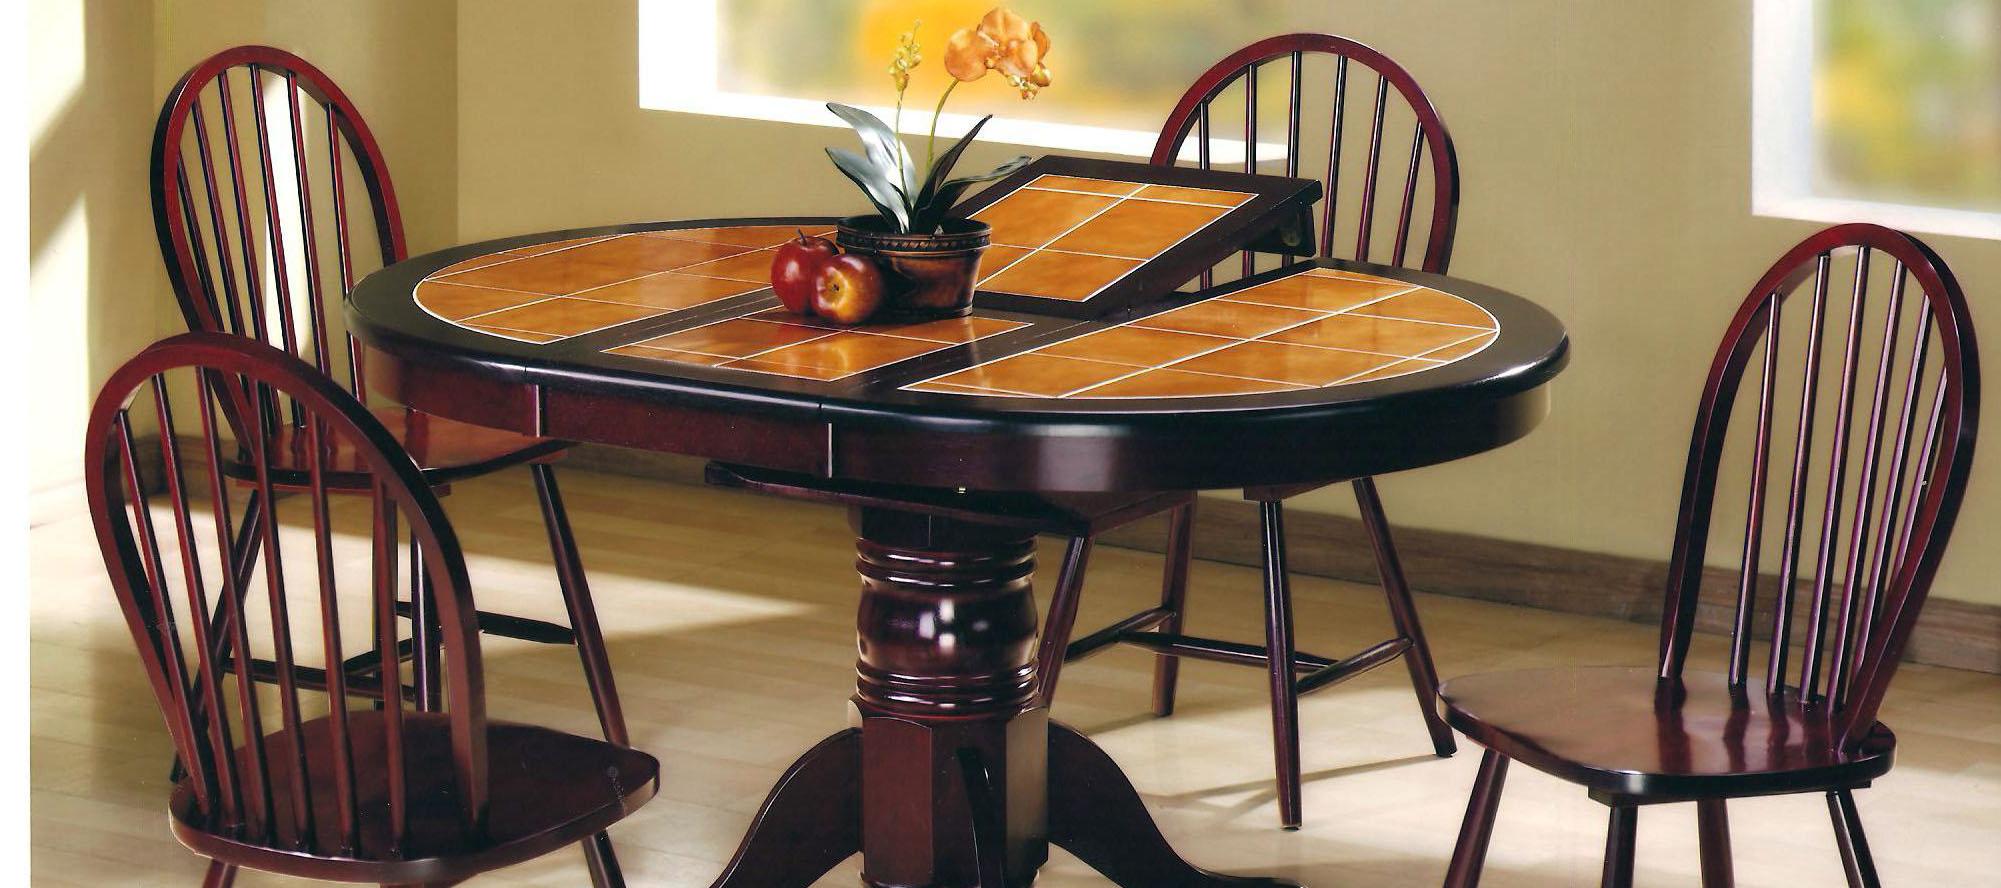 Кухонные столы с керамической плиткой, их конструкция и особенности